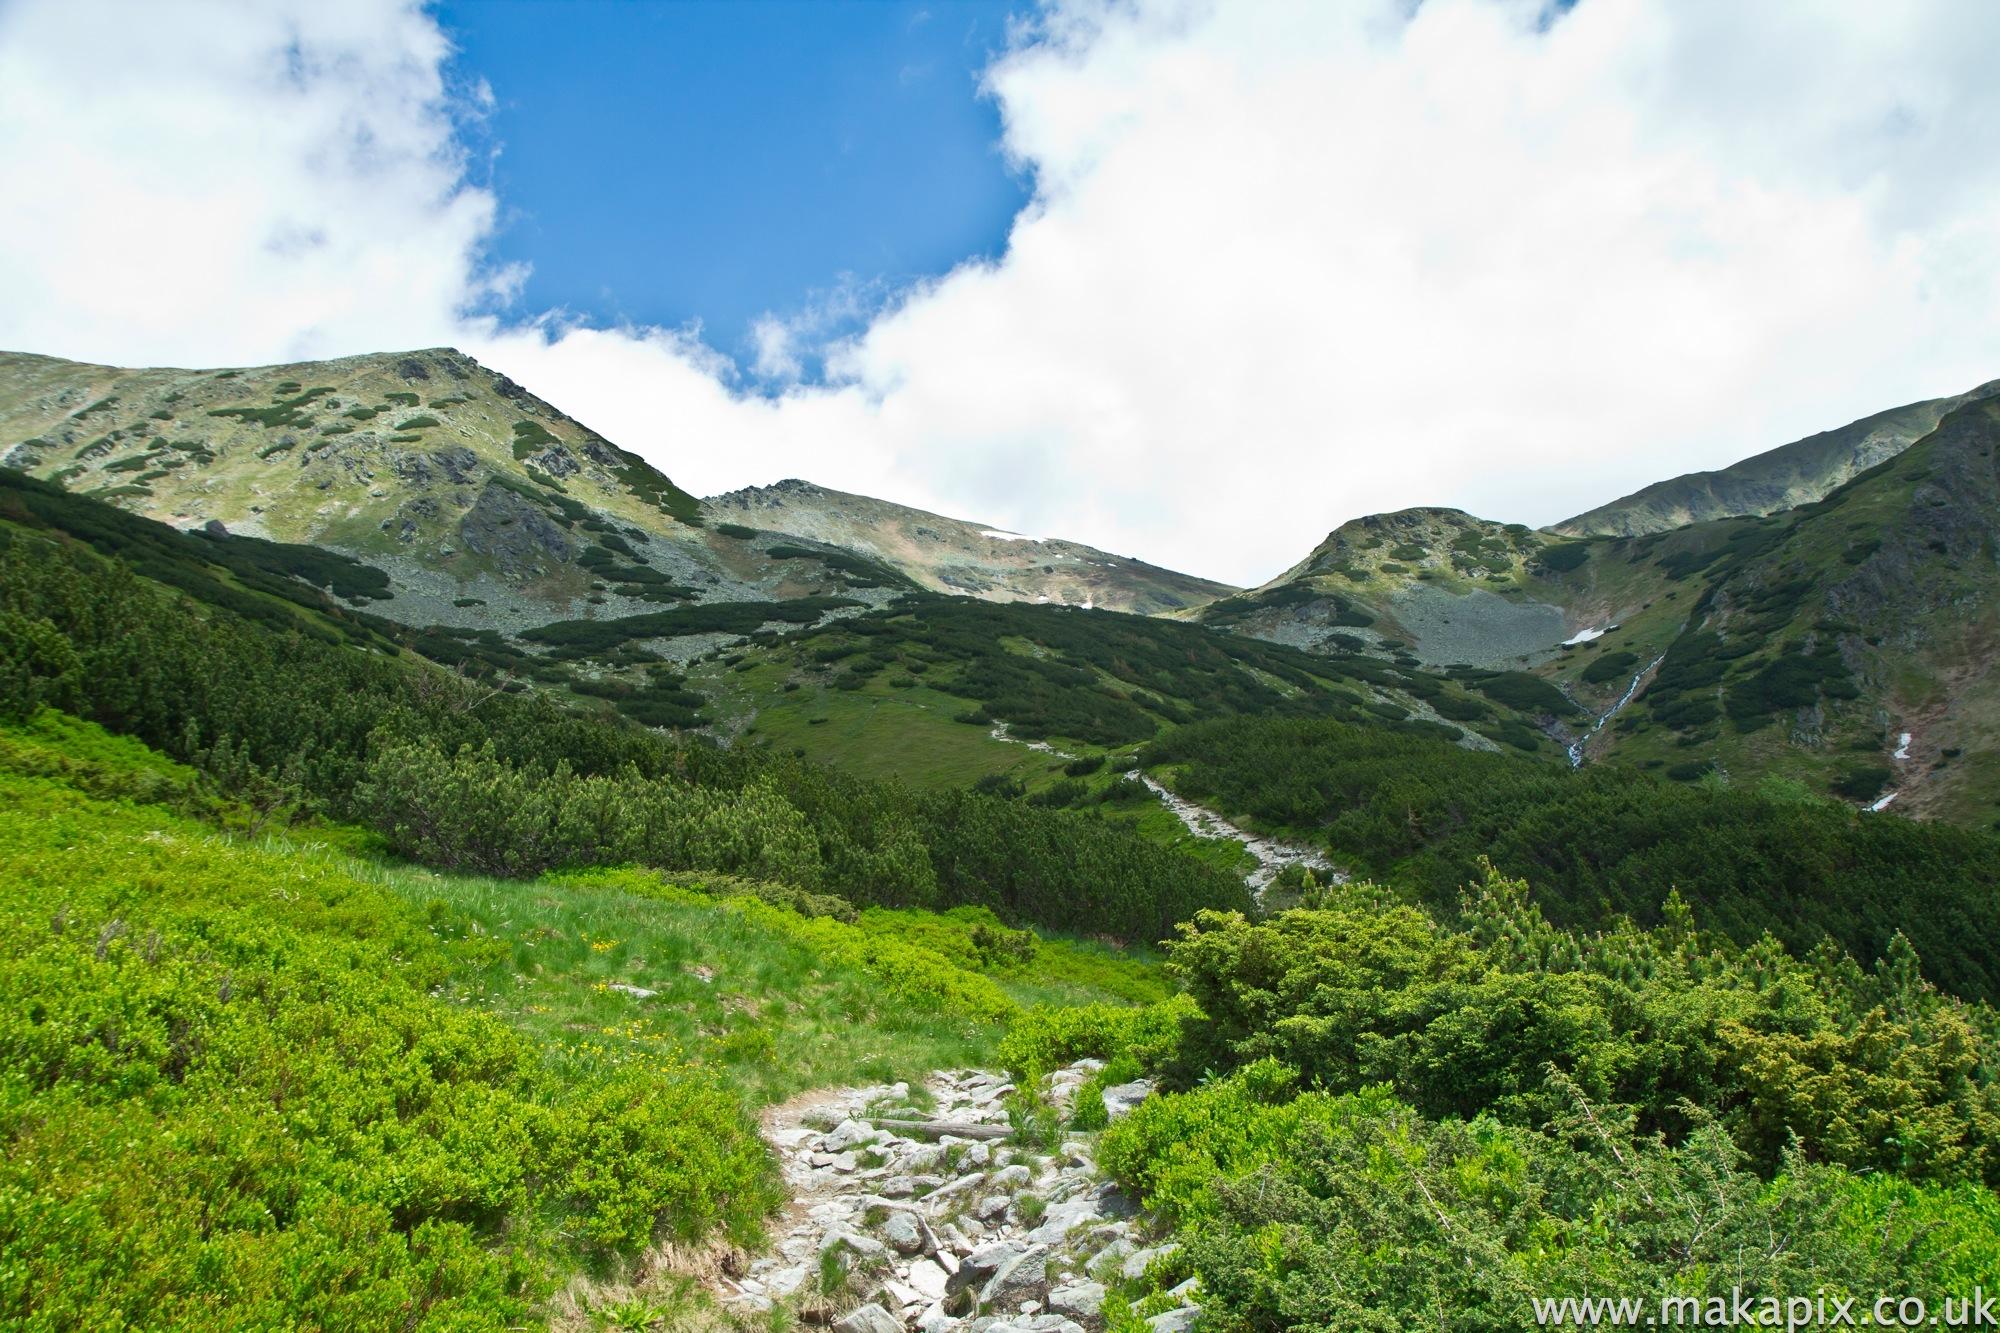 Žiarske sedloWest Tatras, Slovakia 2014